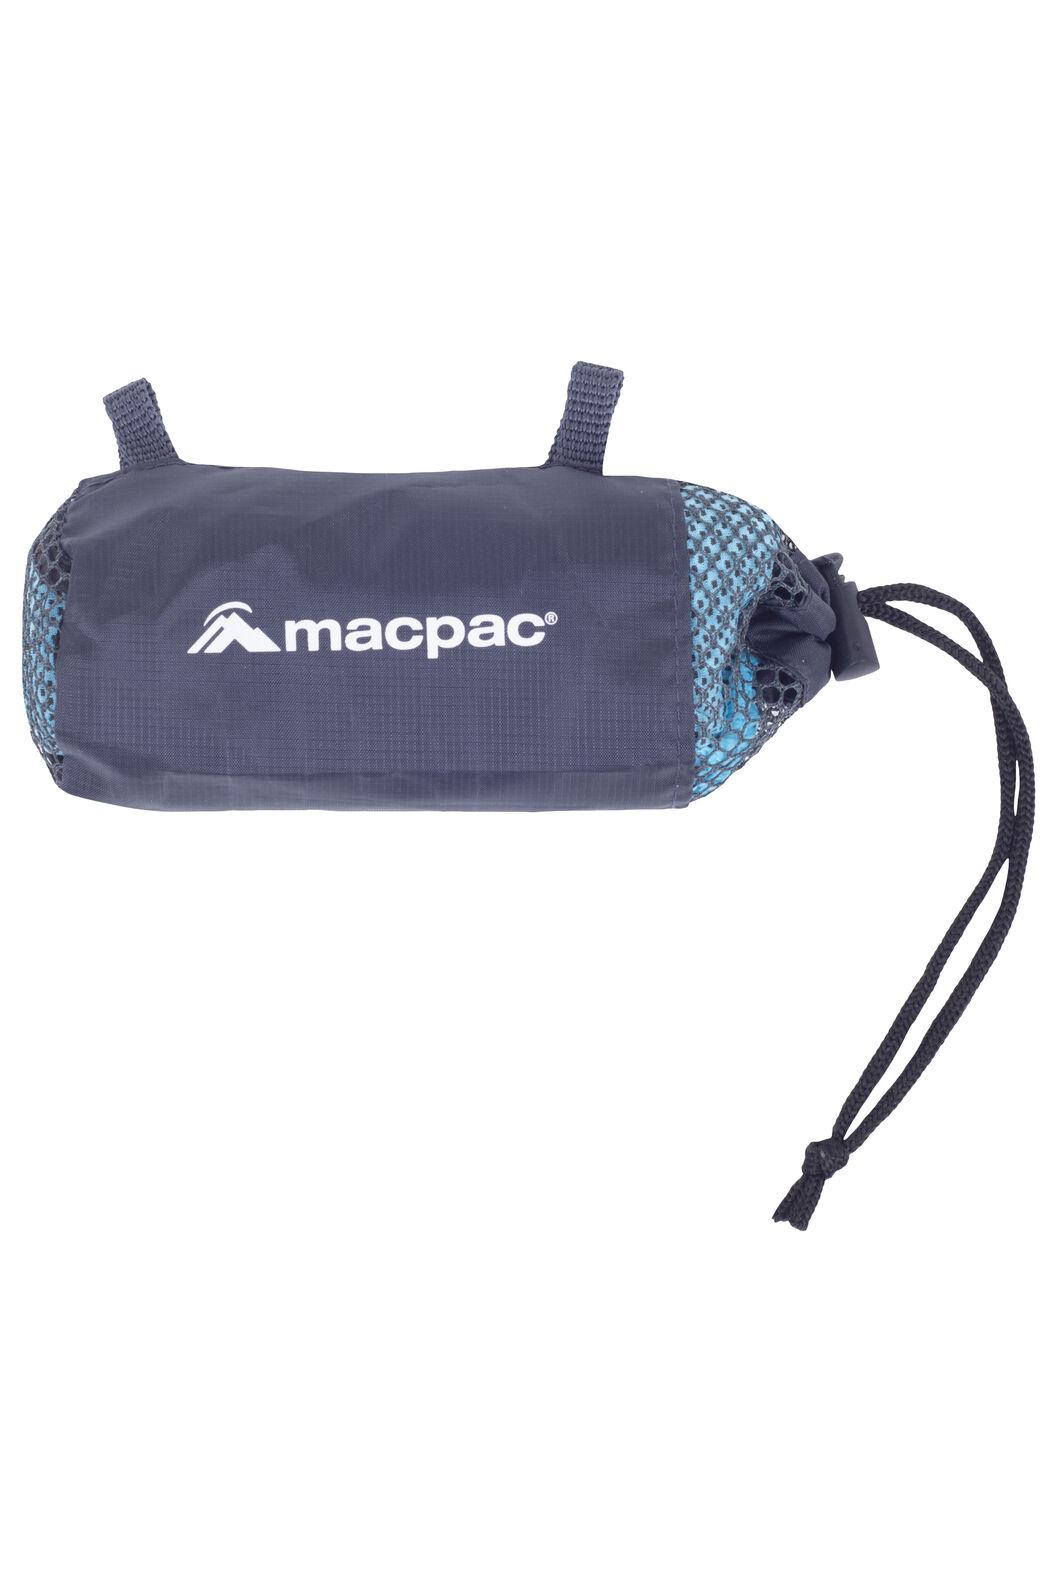 Macpac Active Cooling Towel, Aqua, hi-res